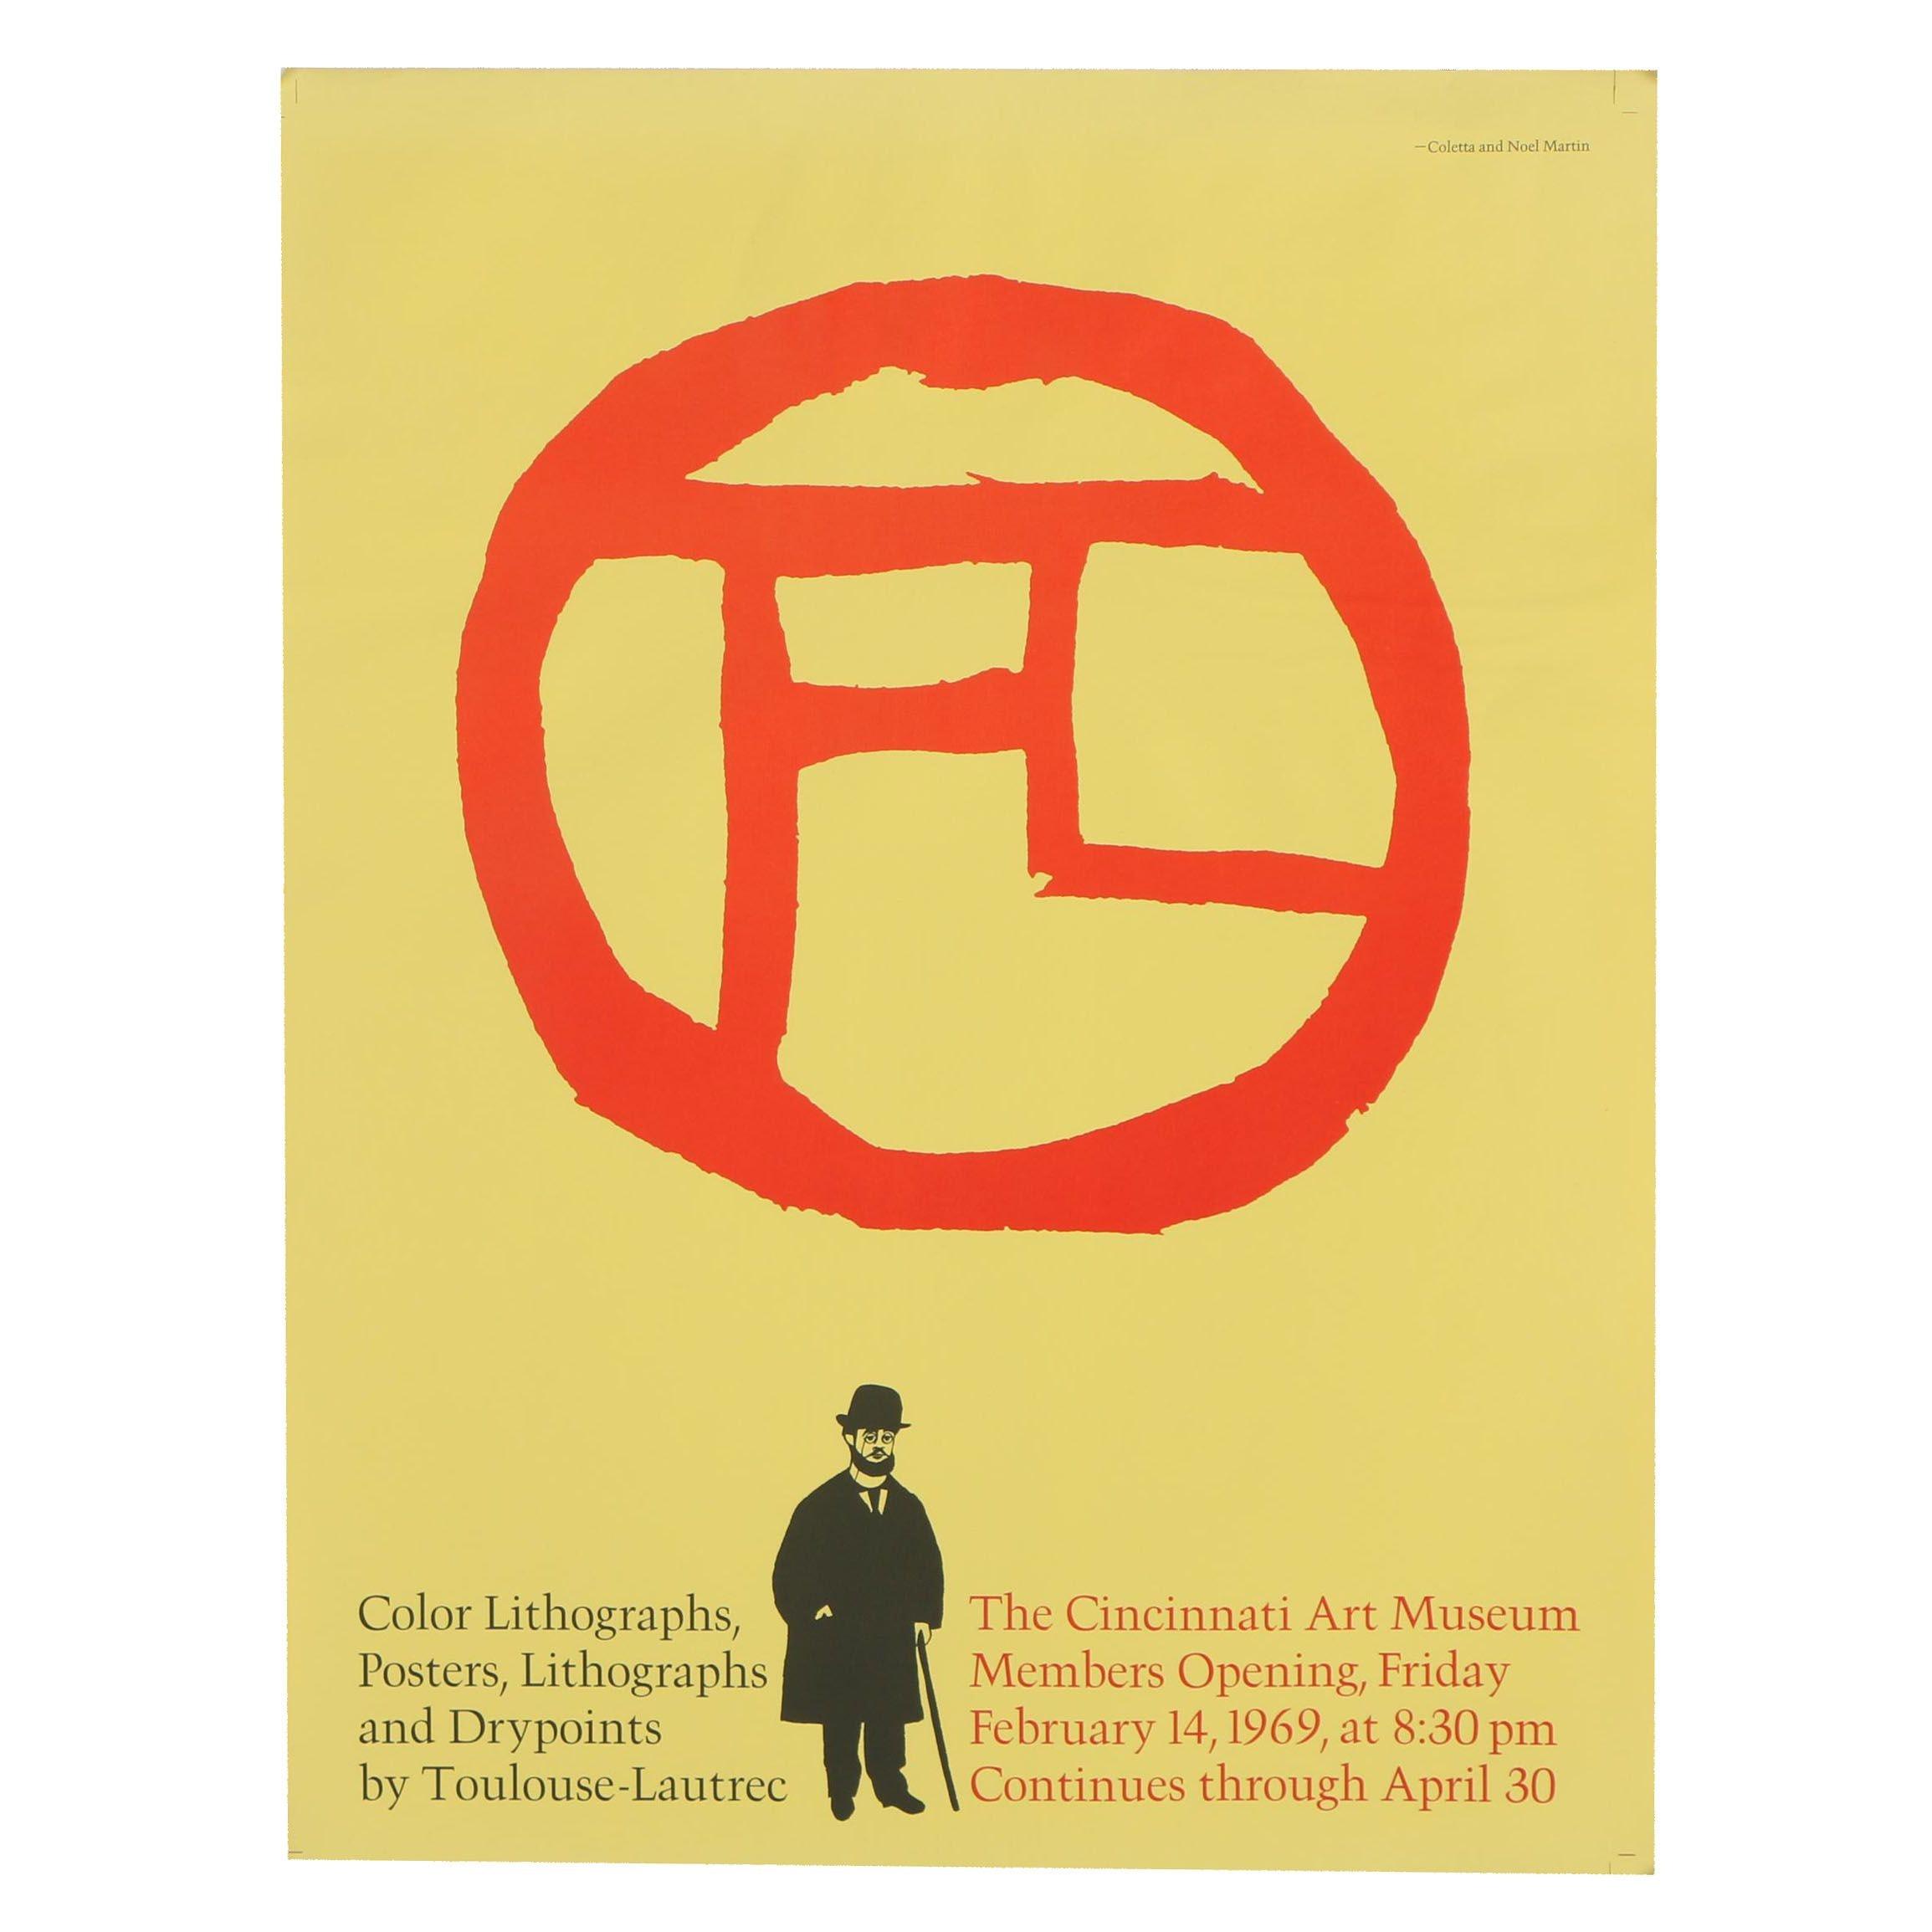 Poster for the Cincinnati Art Museum Toulouse-Lautrec Exhibition